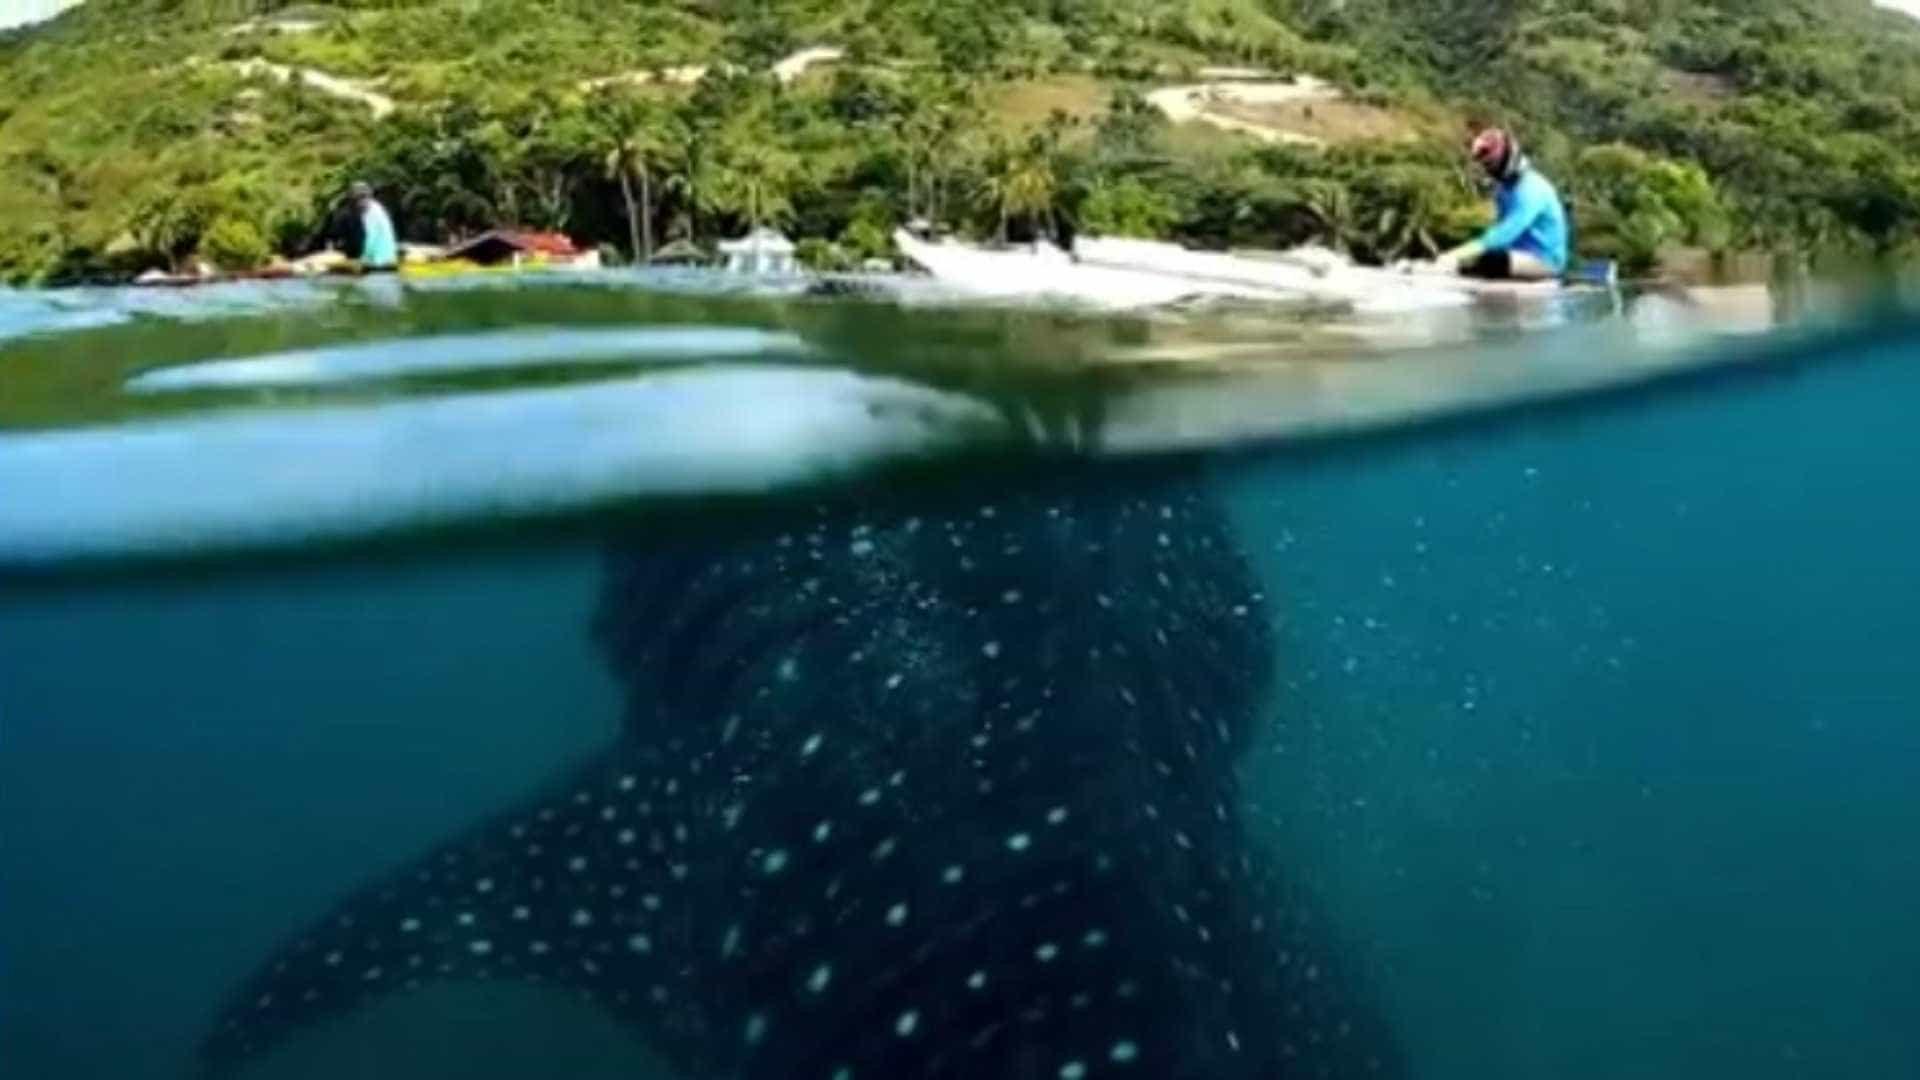 Filmagem incrível mostra tubarão baleia muito perto de caiaques